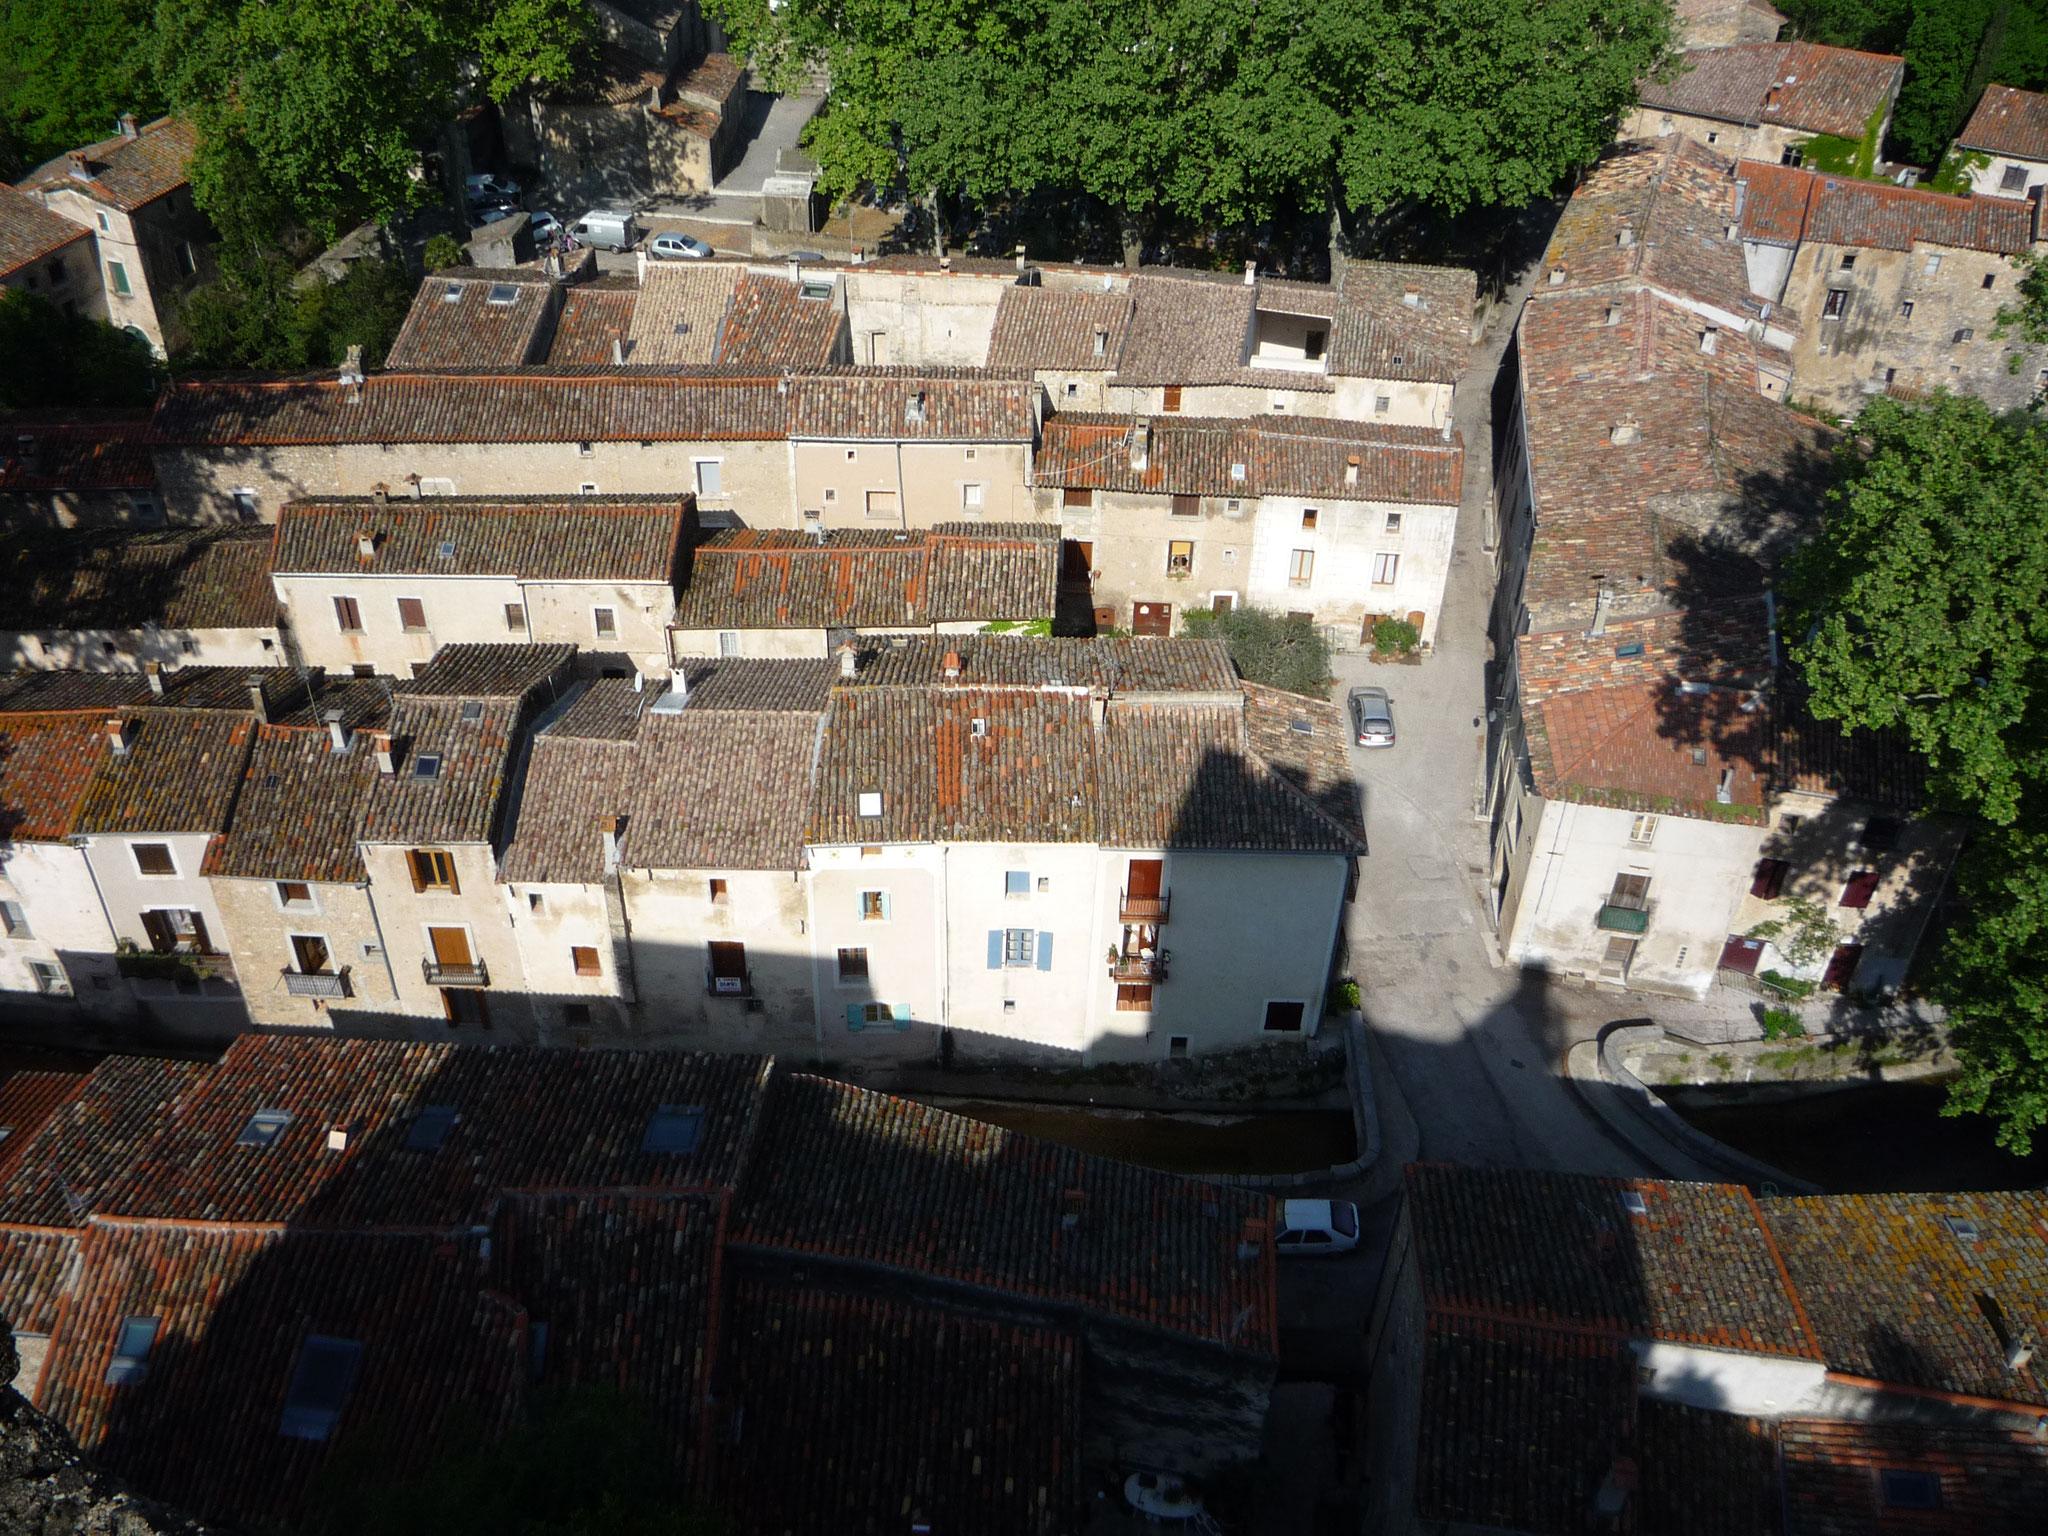 Les toits du village de Saint Jean de Buèges vues depis le château de Baulx